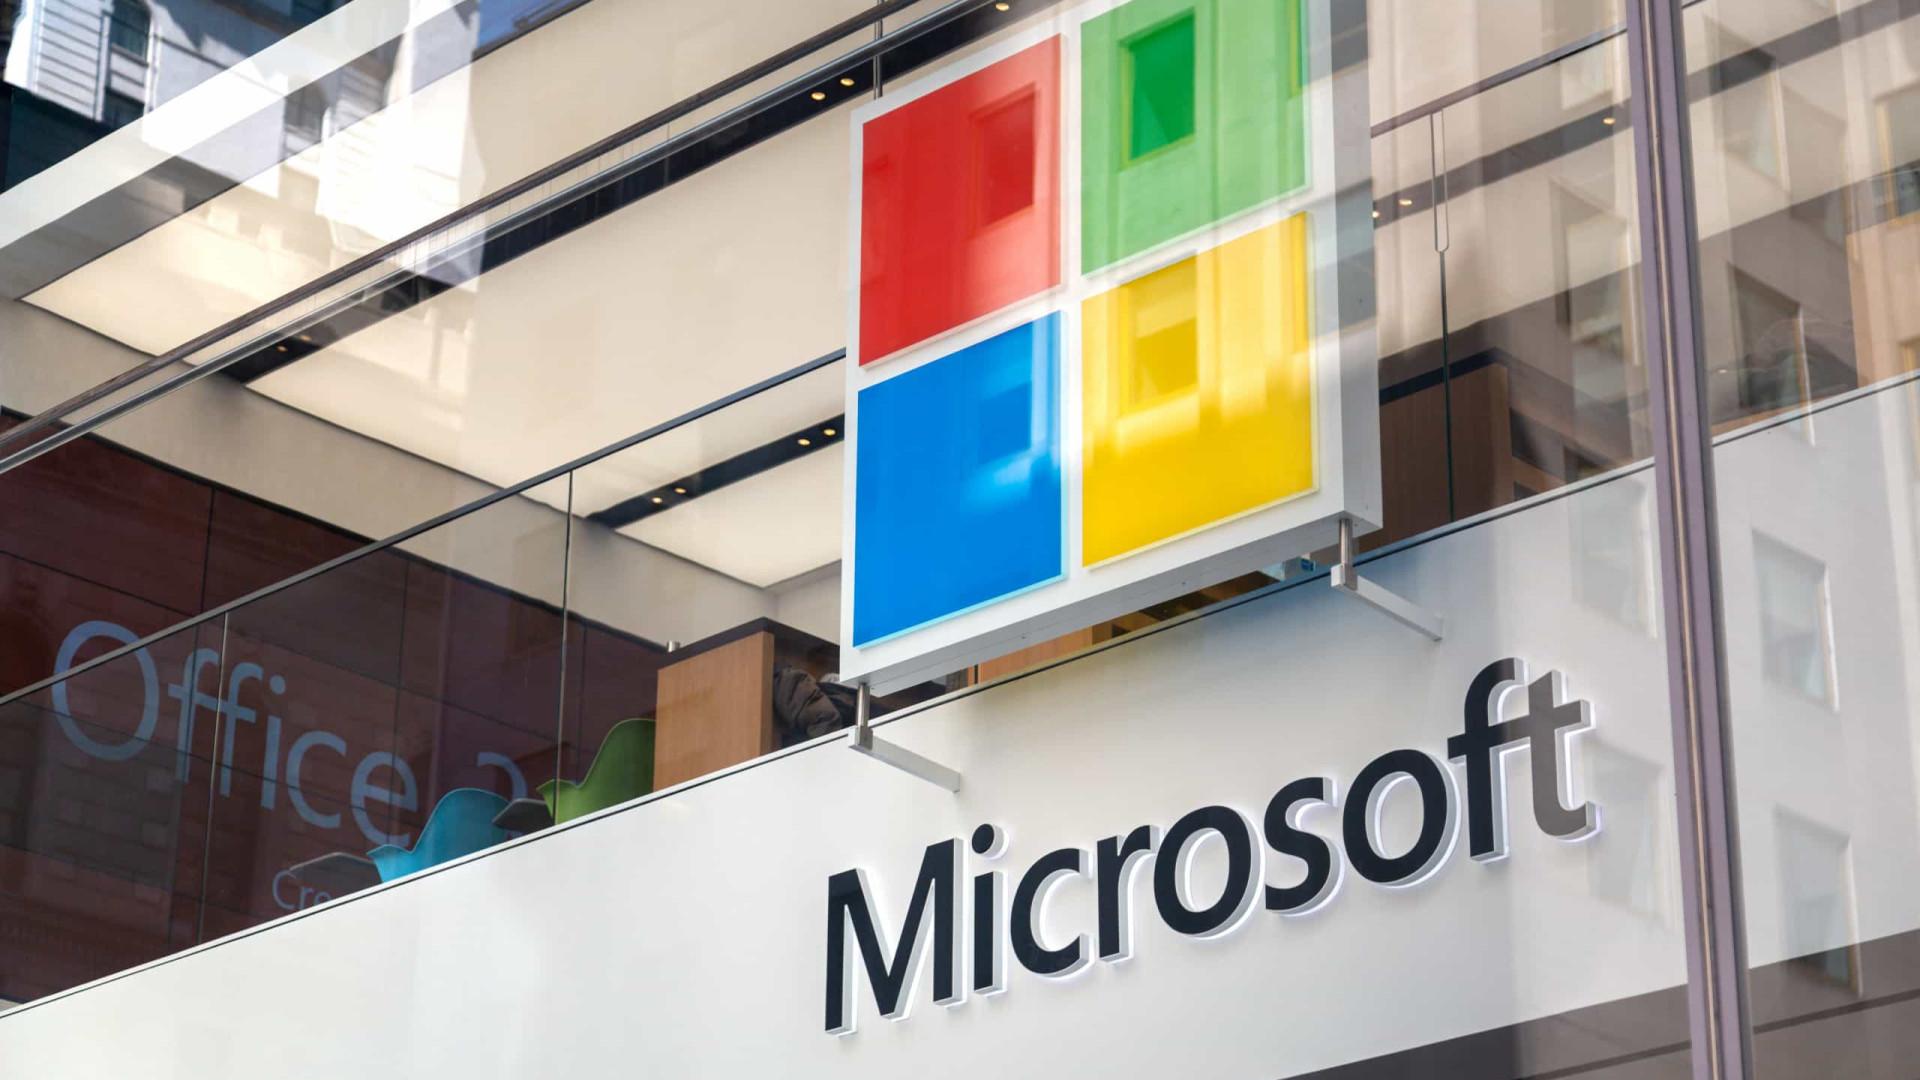 Revelados mais detalhes sobre o novo Microsoft Surface Pro 8